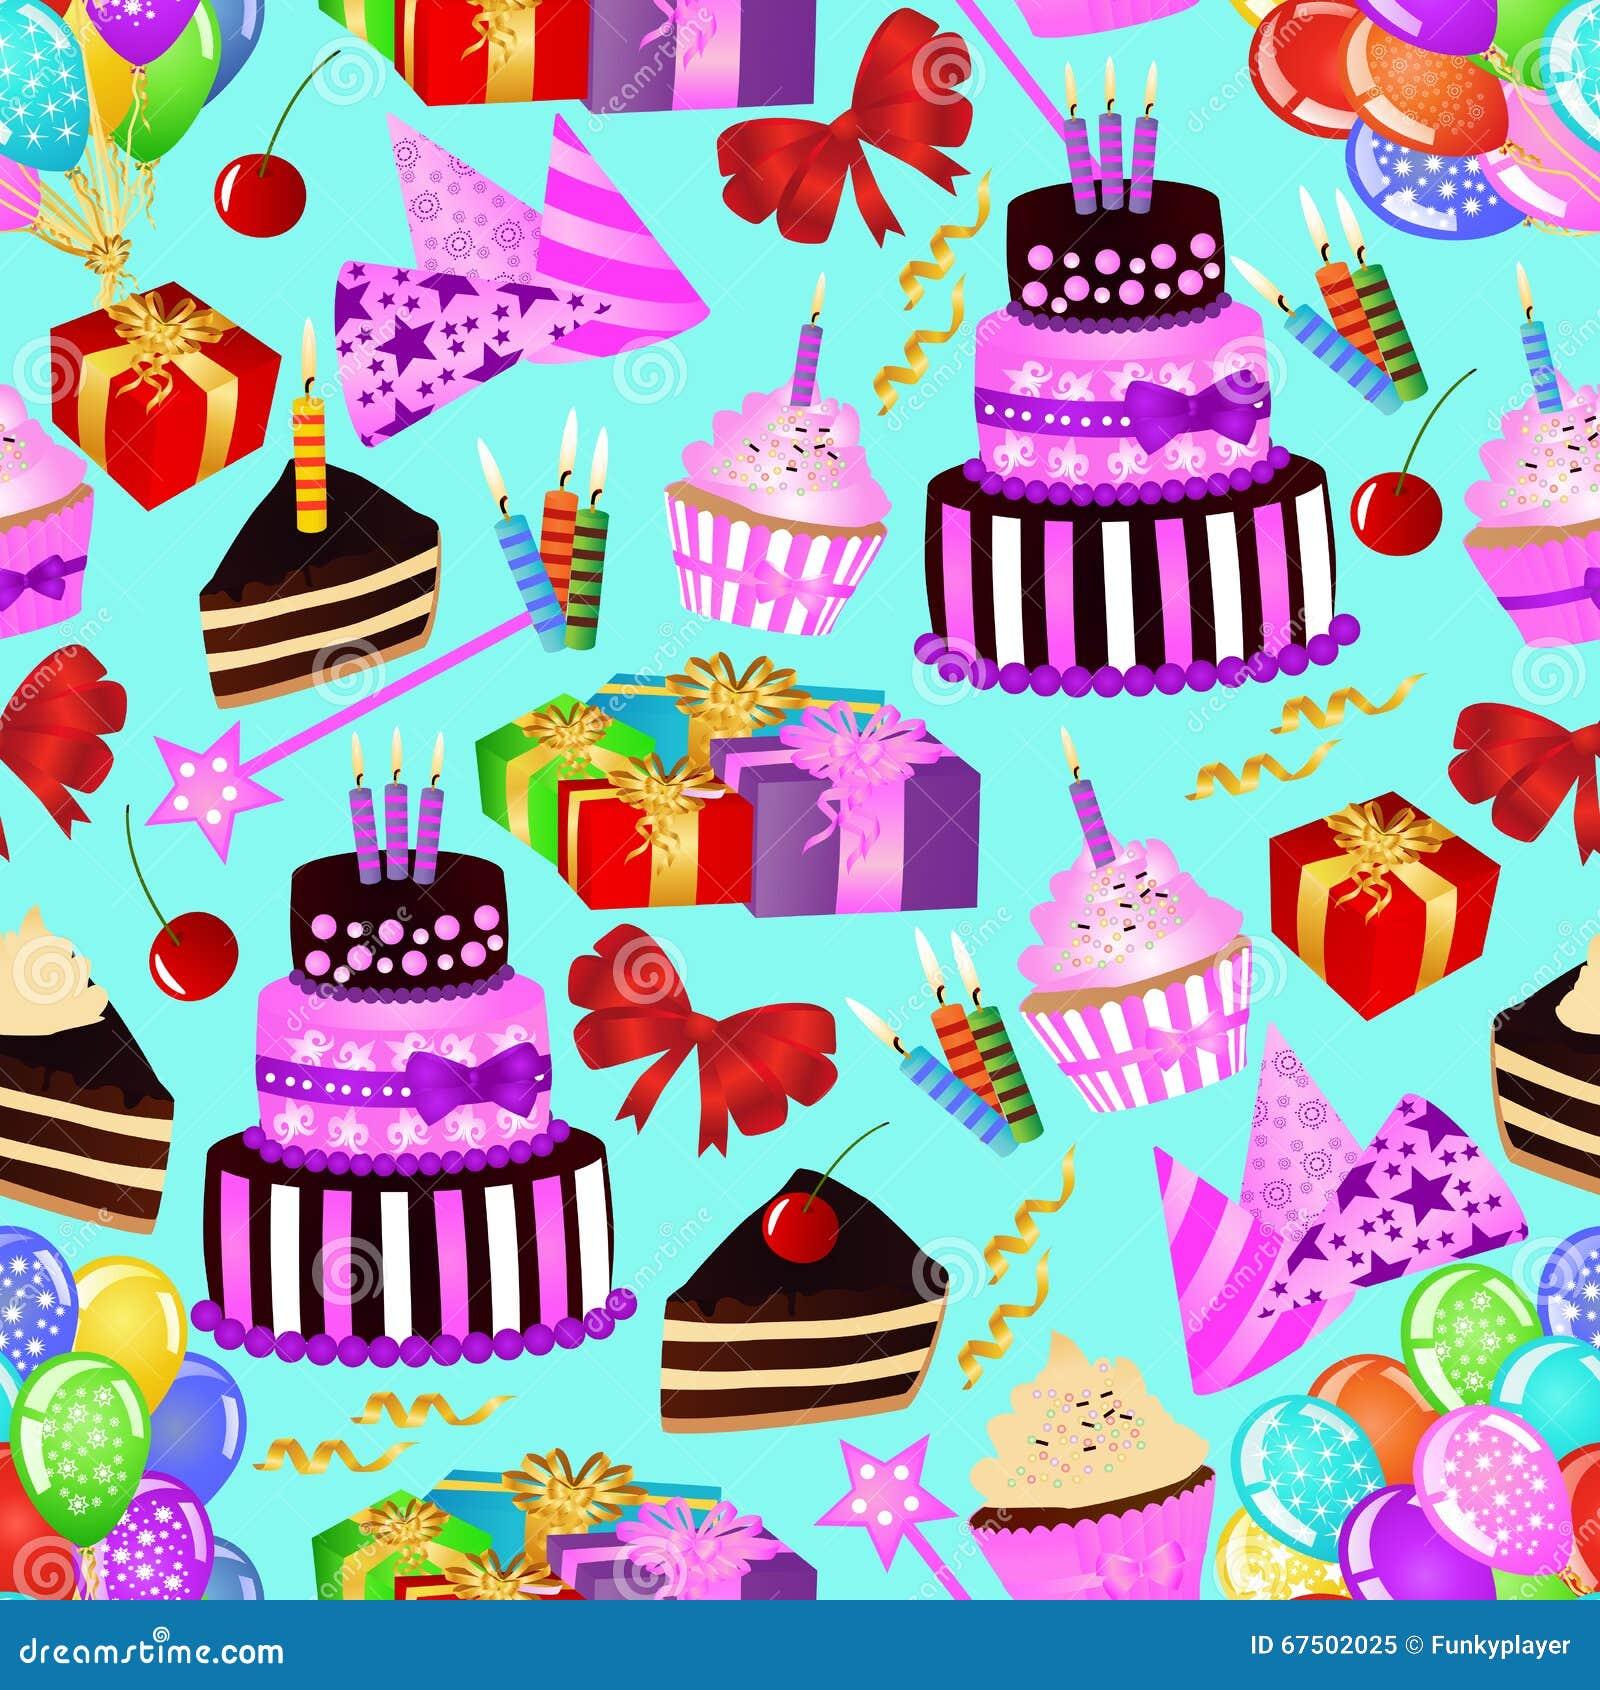 Cupcake Cake Patterns